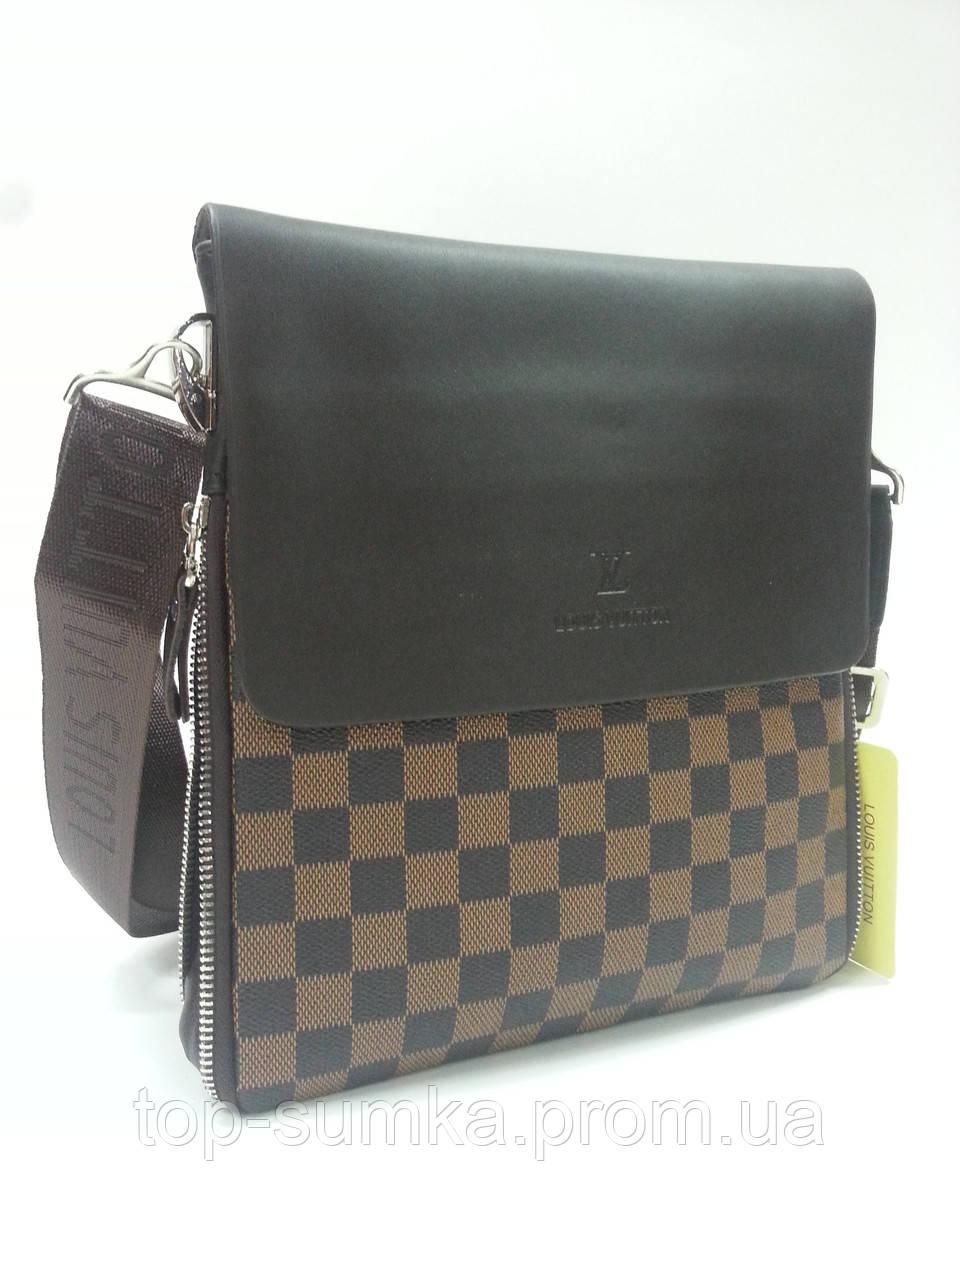 f25ff4e6858e Сумка -планшет мужская 9981 Louis Vuitton , 26 х 22 х 2 -5 см ...